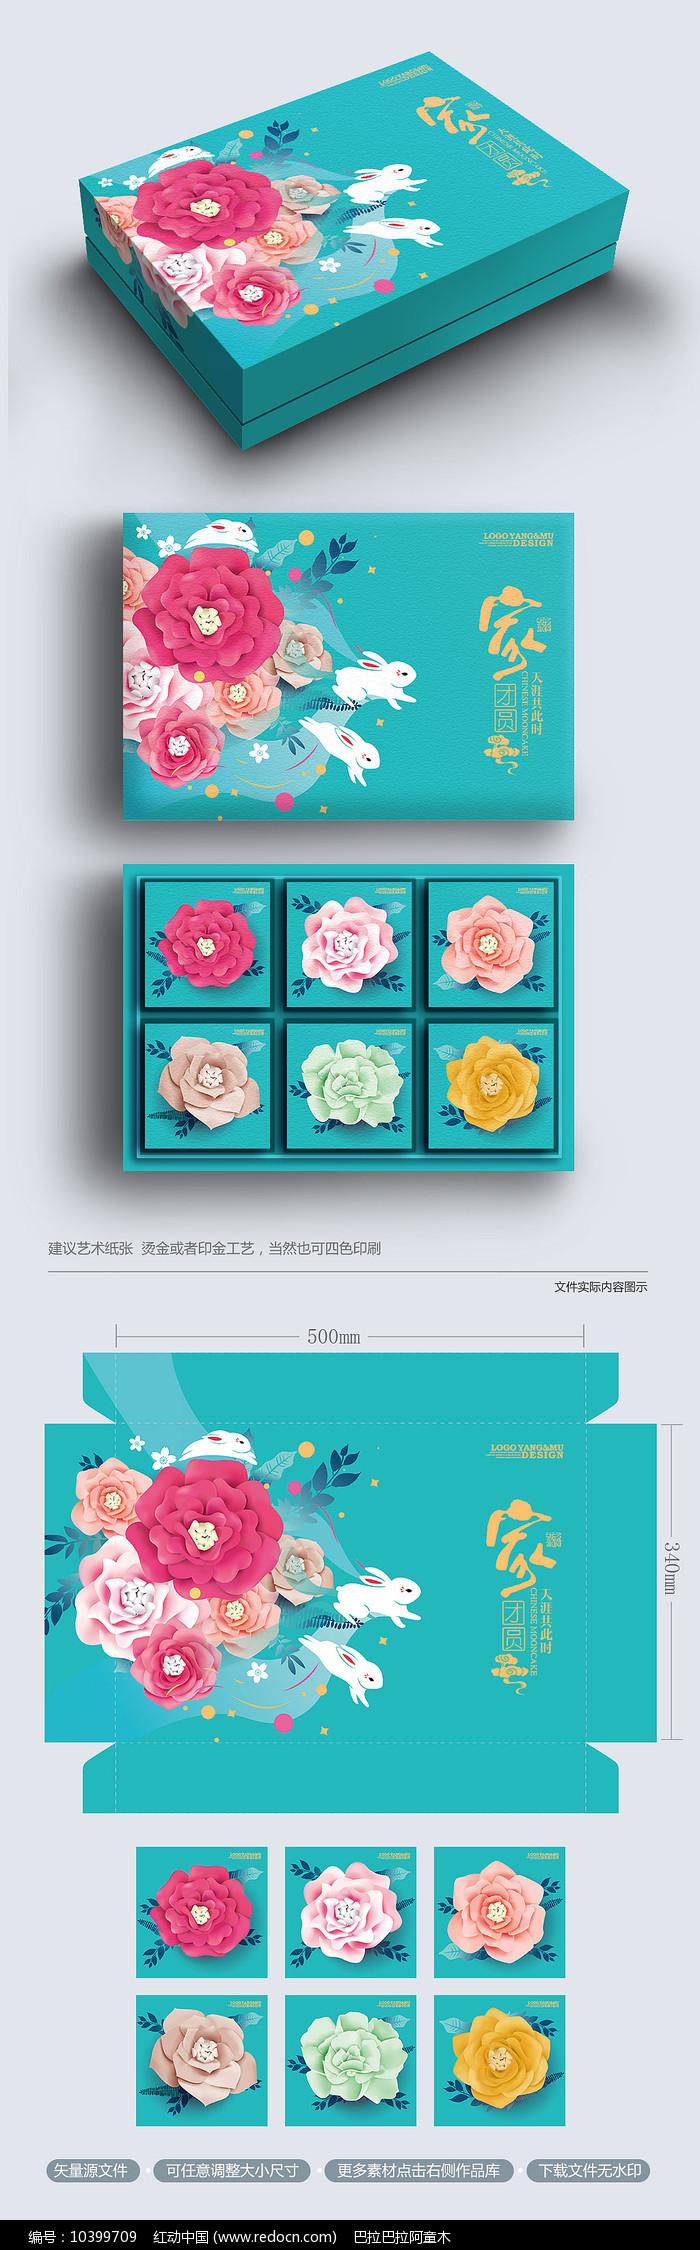 创意唯美时尚高端中秋月饼包装礼盒图片